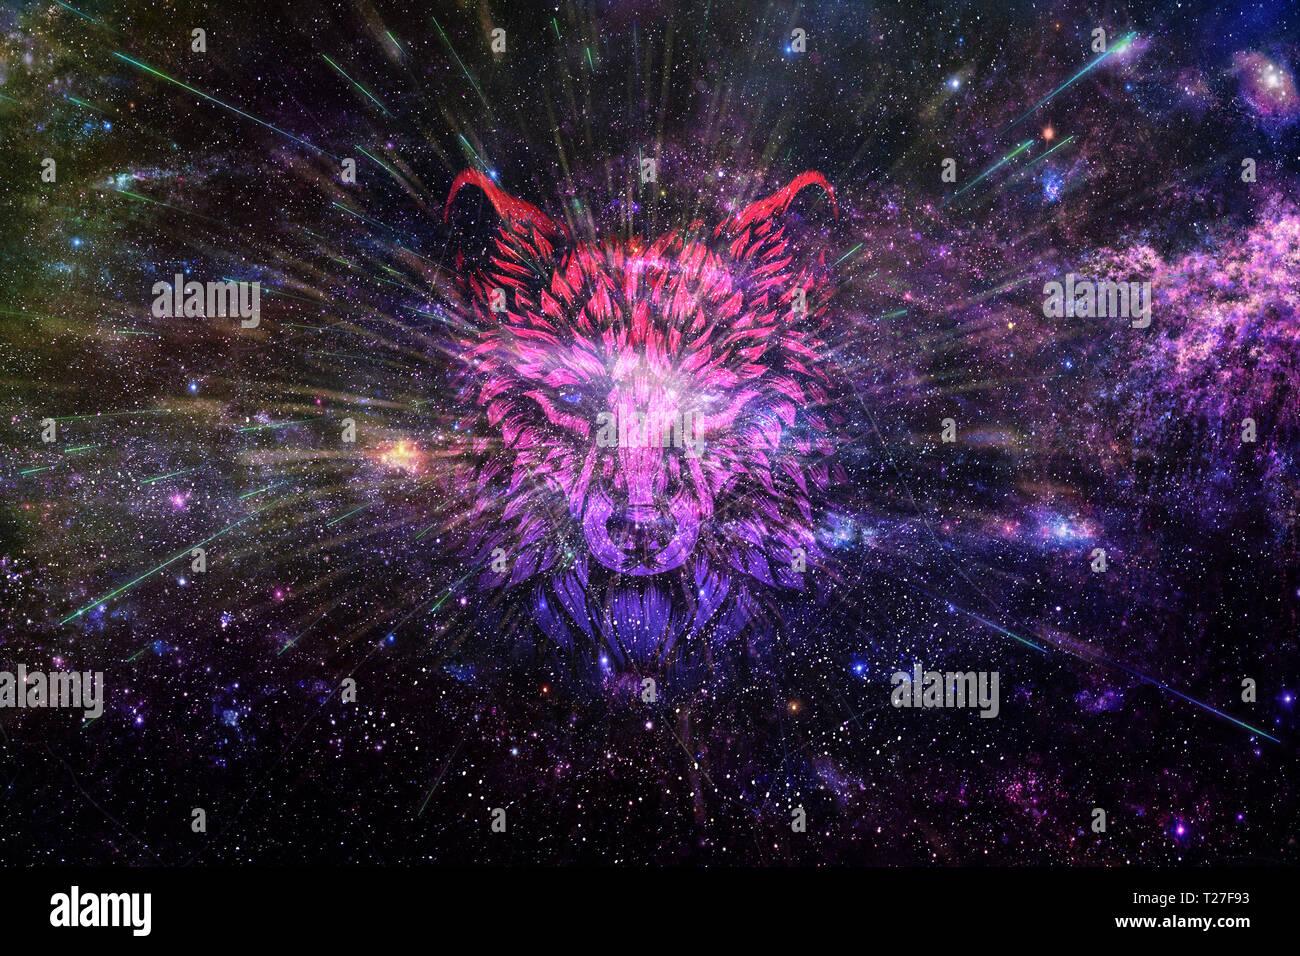 Abstrakte Kunst Dunkle Digitale Galaxie Mit Einer Abstrakten Kunstlerischen Digitalen Wolf Hintergrund Stockfotografie Alamy